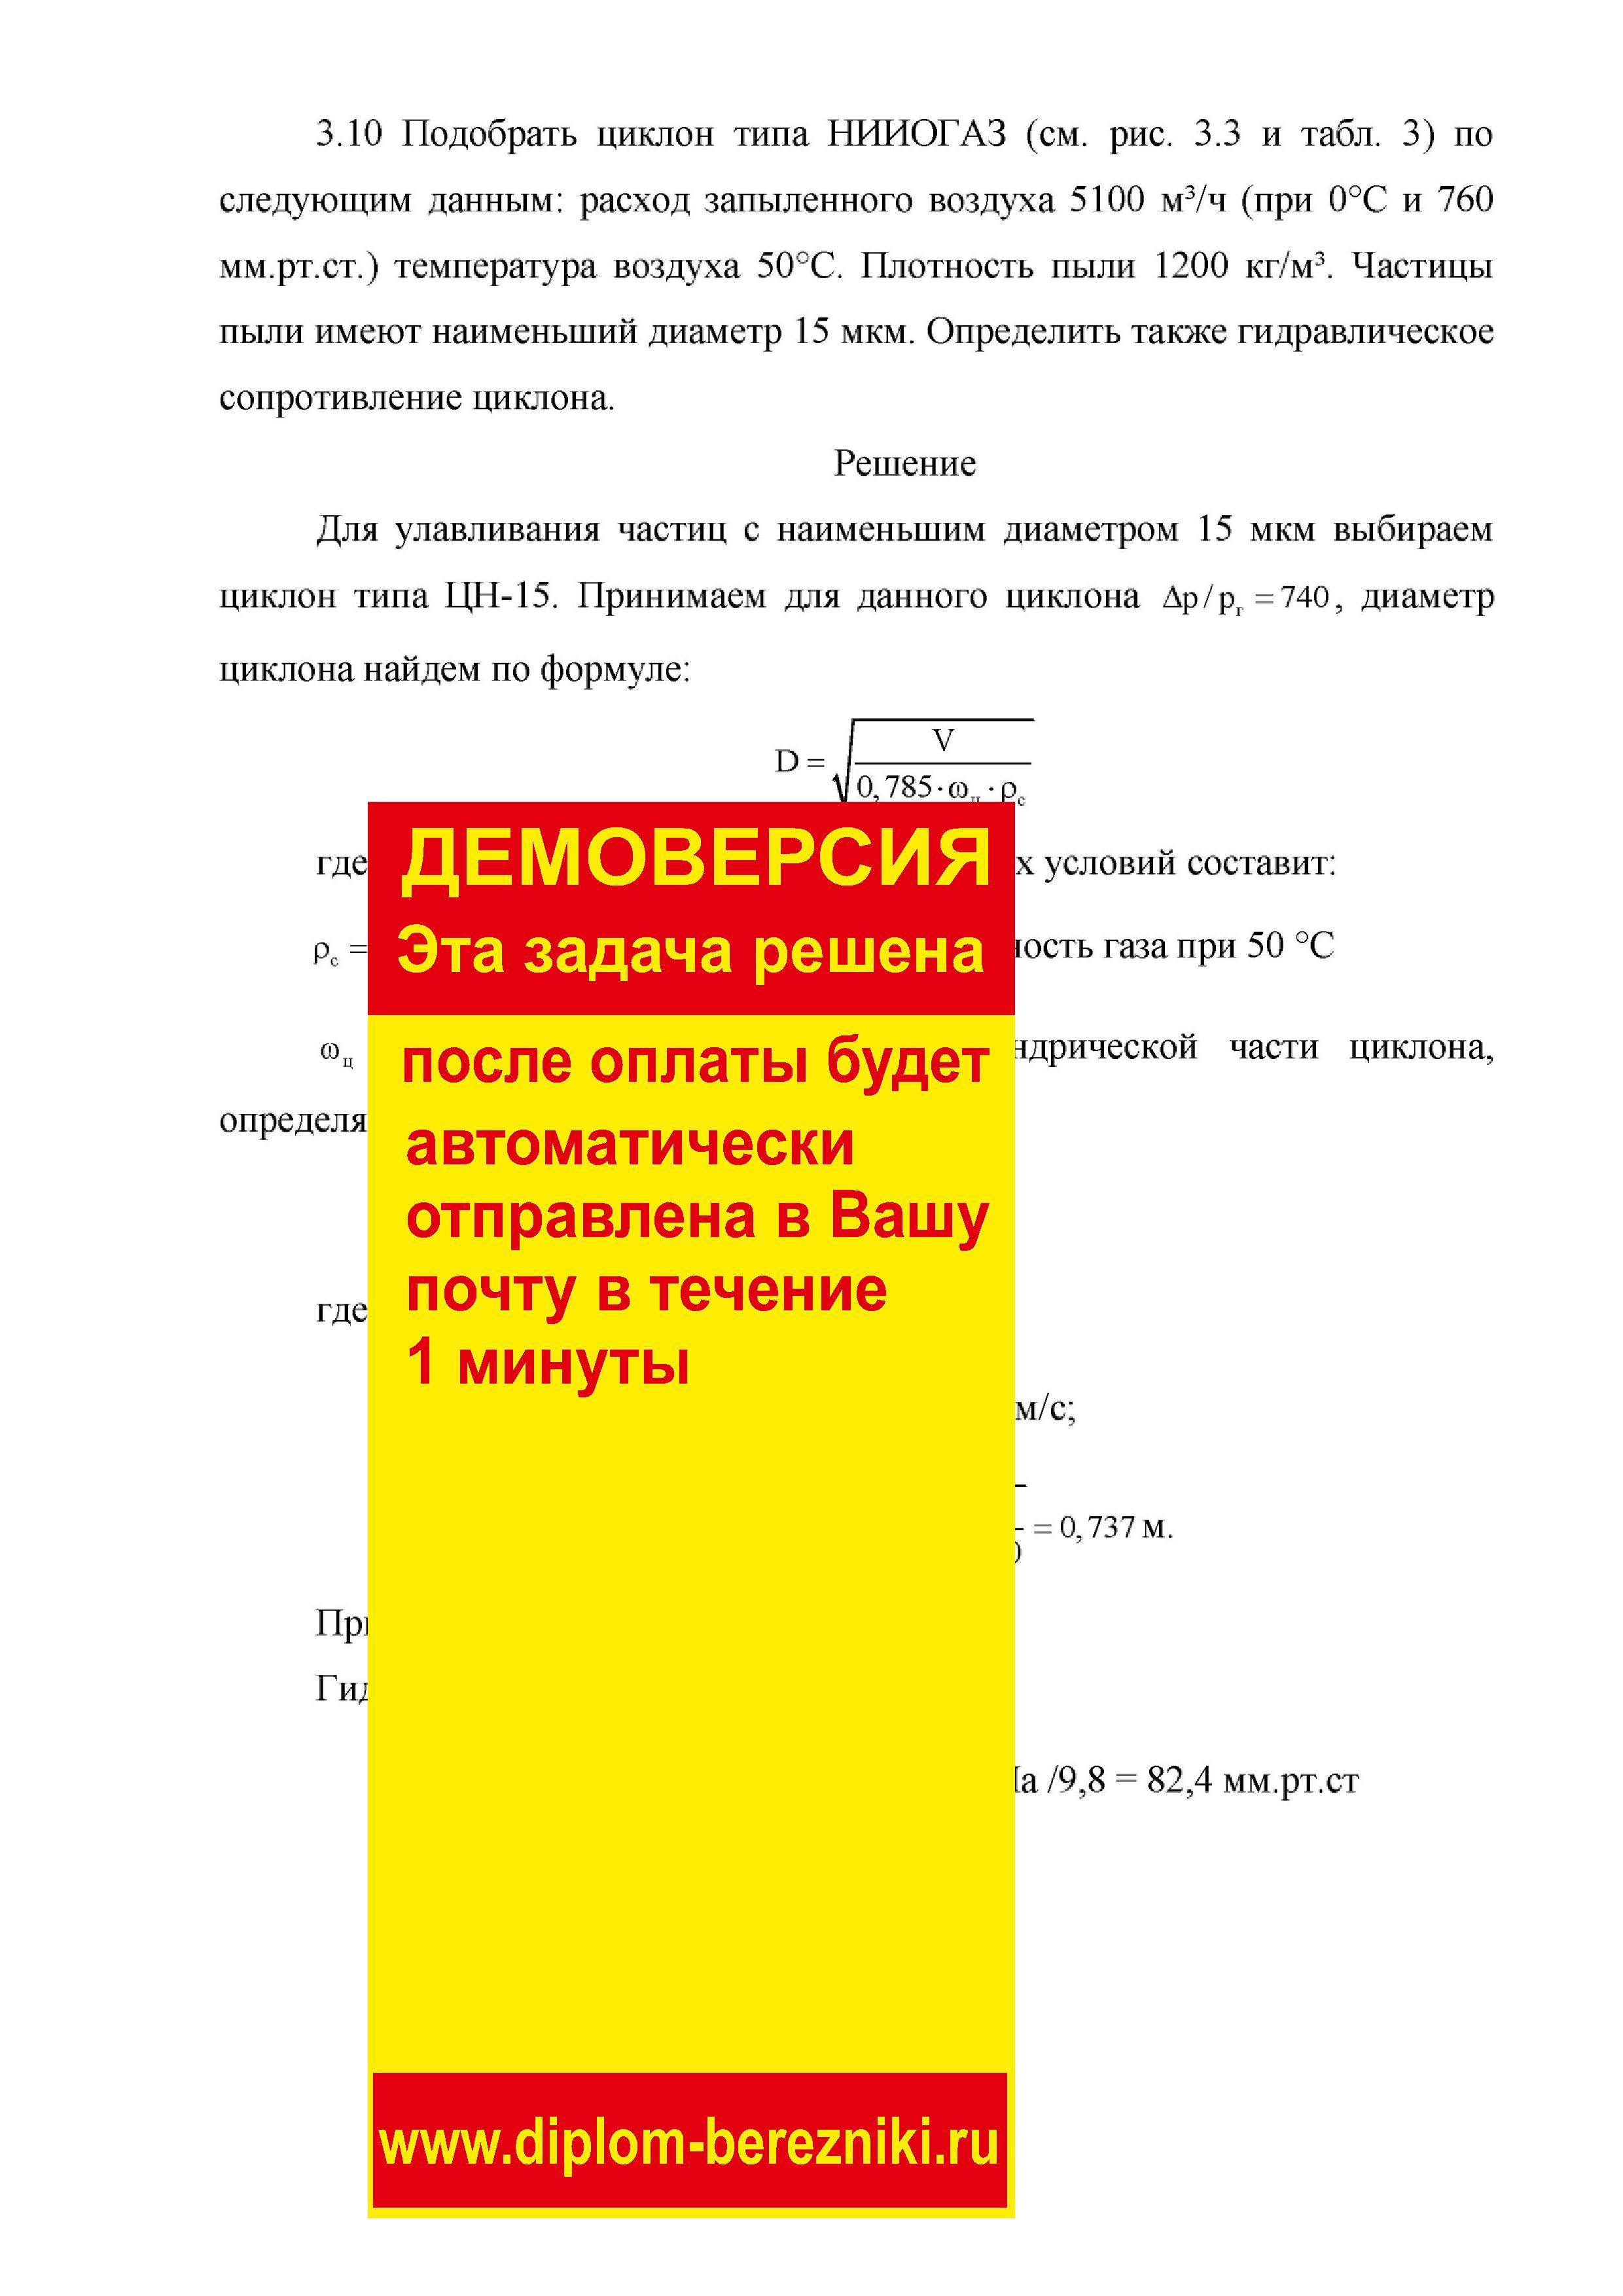 Решение задачи 3.10 по ПАХТ из задачника Павлова Романкова Носкова